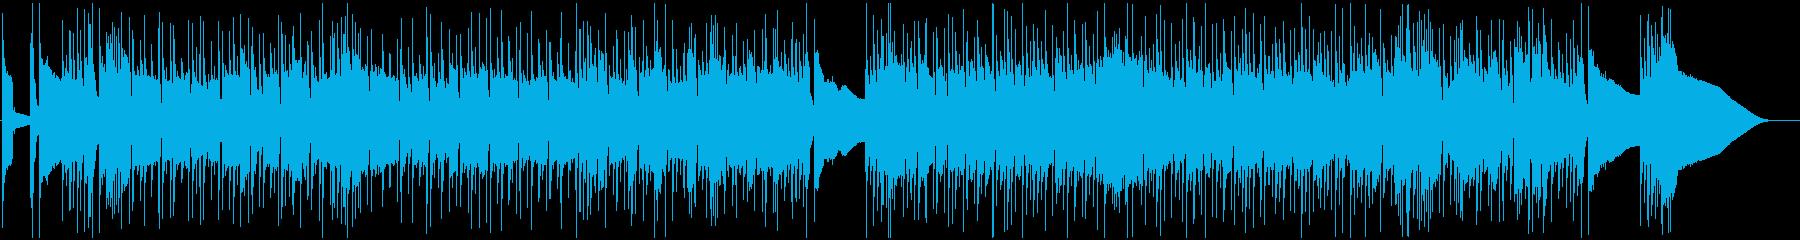 ロックインストゥルメンタル。本物の...の再生済みの波形